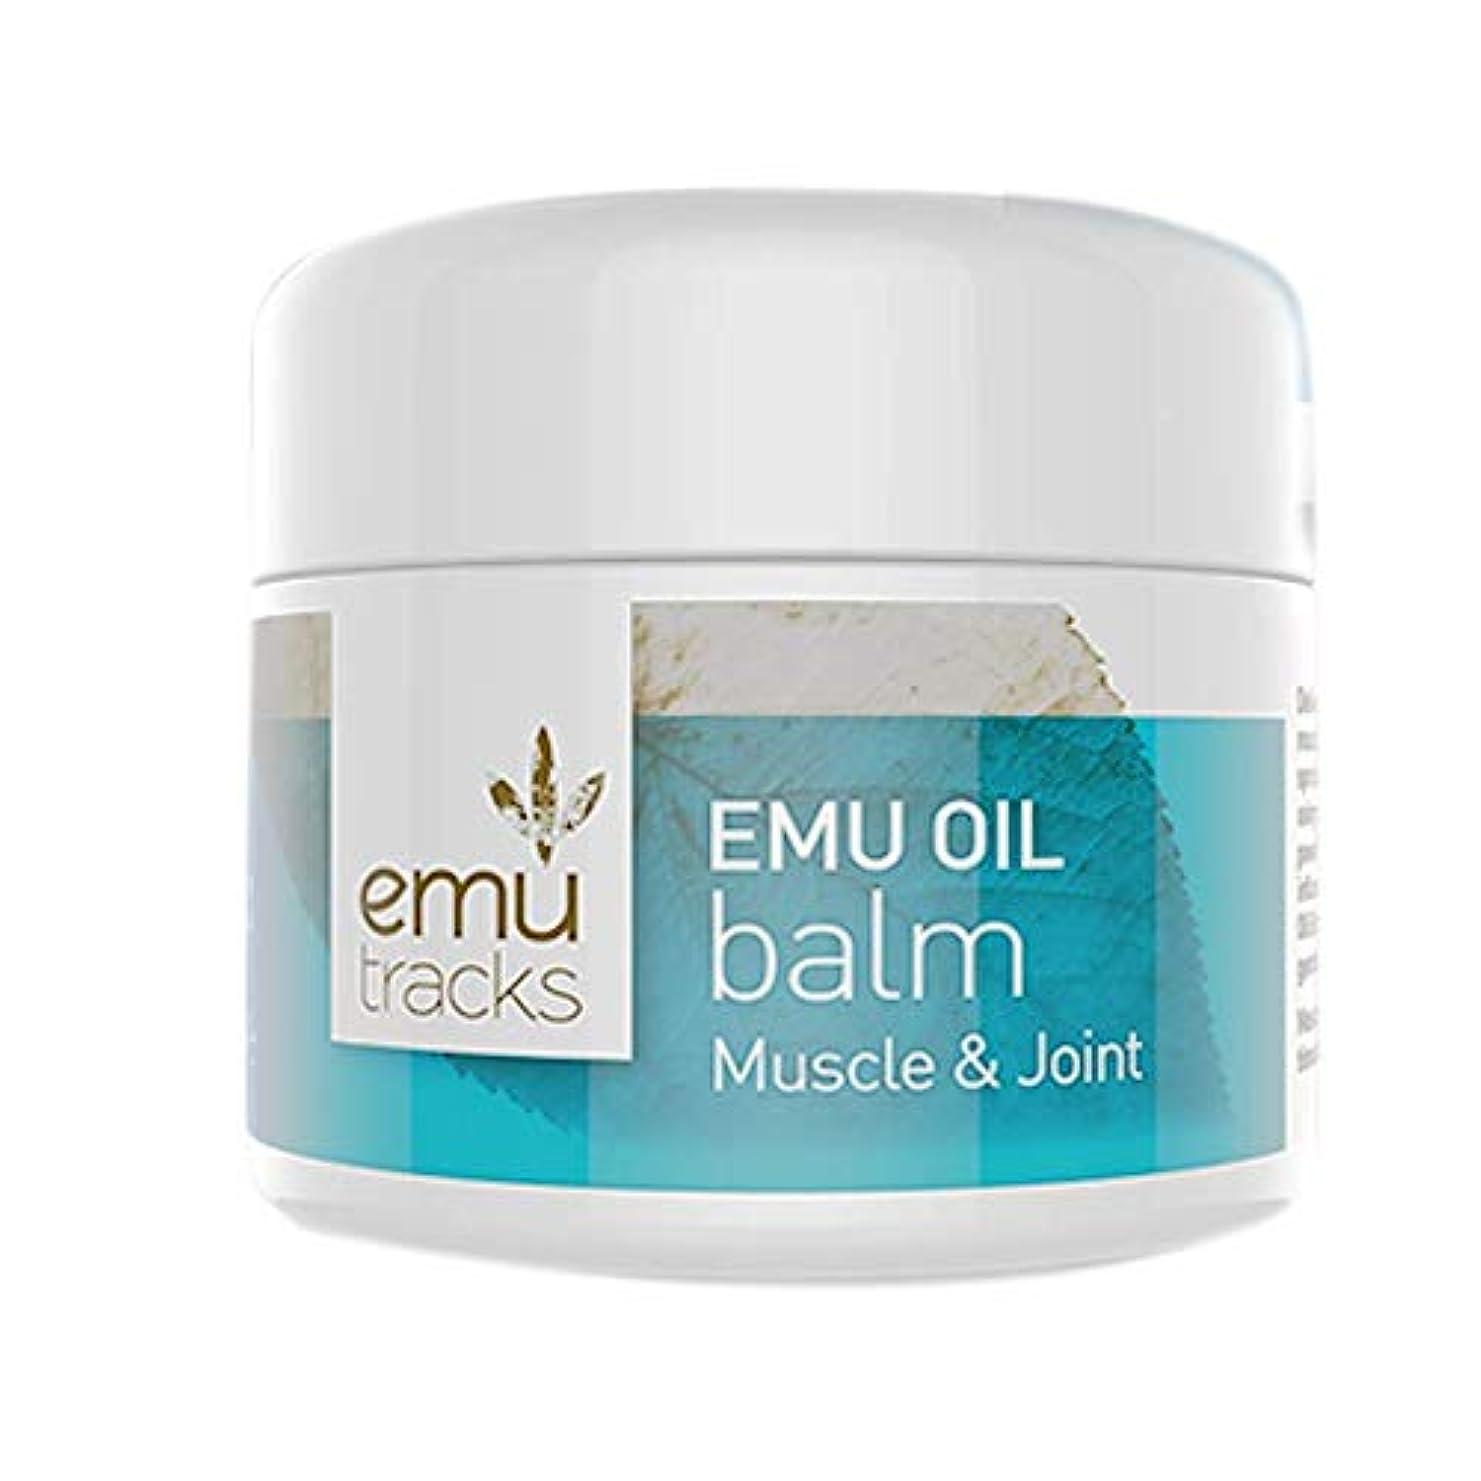 させる彼らは視線[Emu Tracks] エミュー?オイル?バーム(Muscle & Joint)50g 【海外直送】